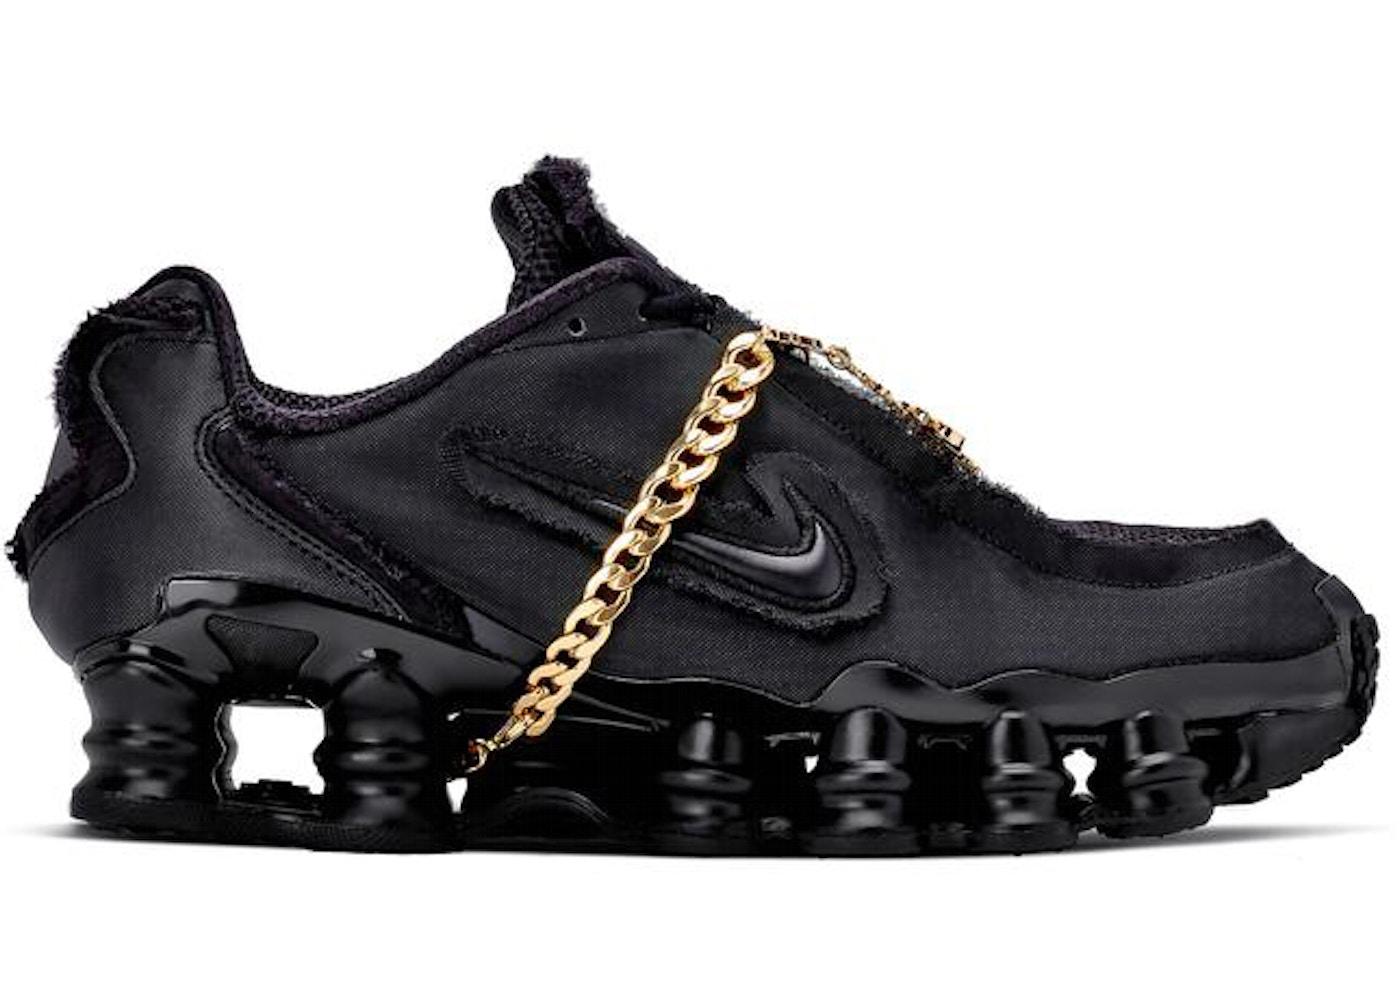 giocare chiaramente periodo  Nike Shox TL Comme des Garcons Black (W) -